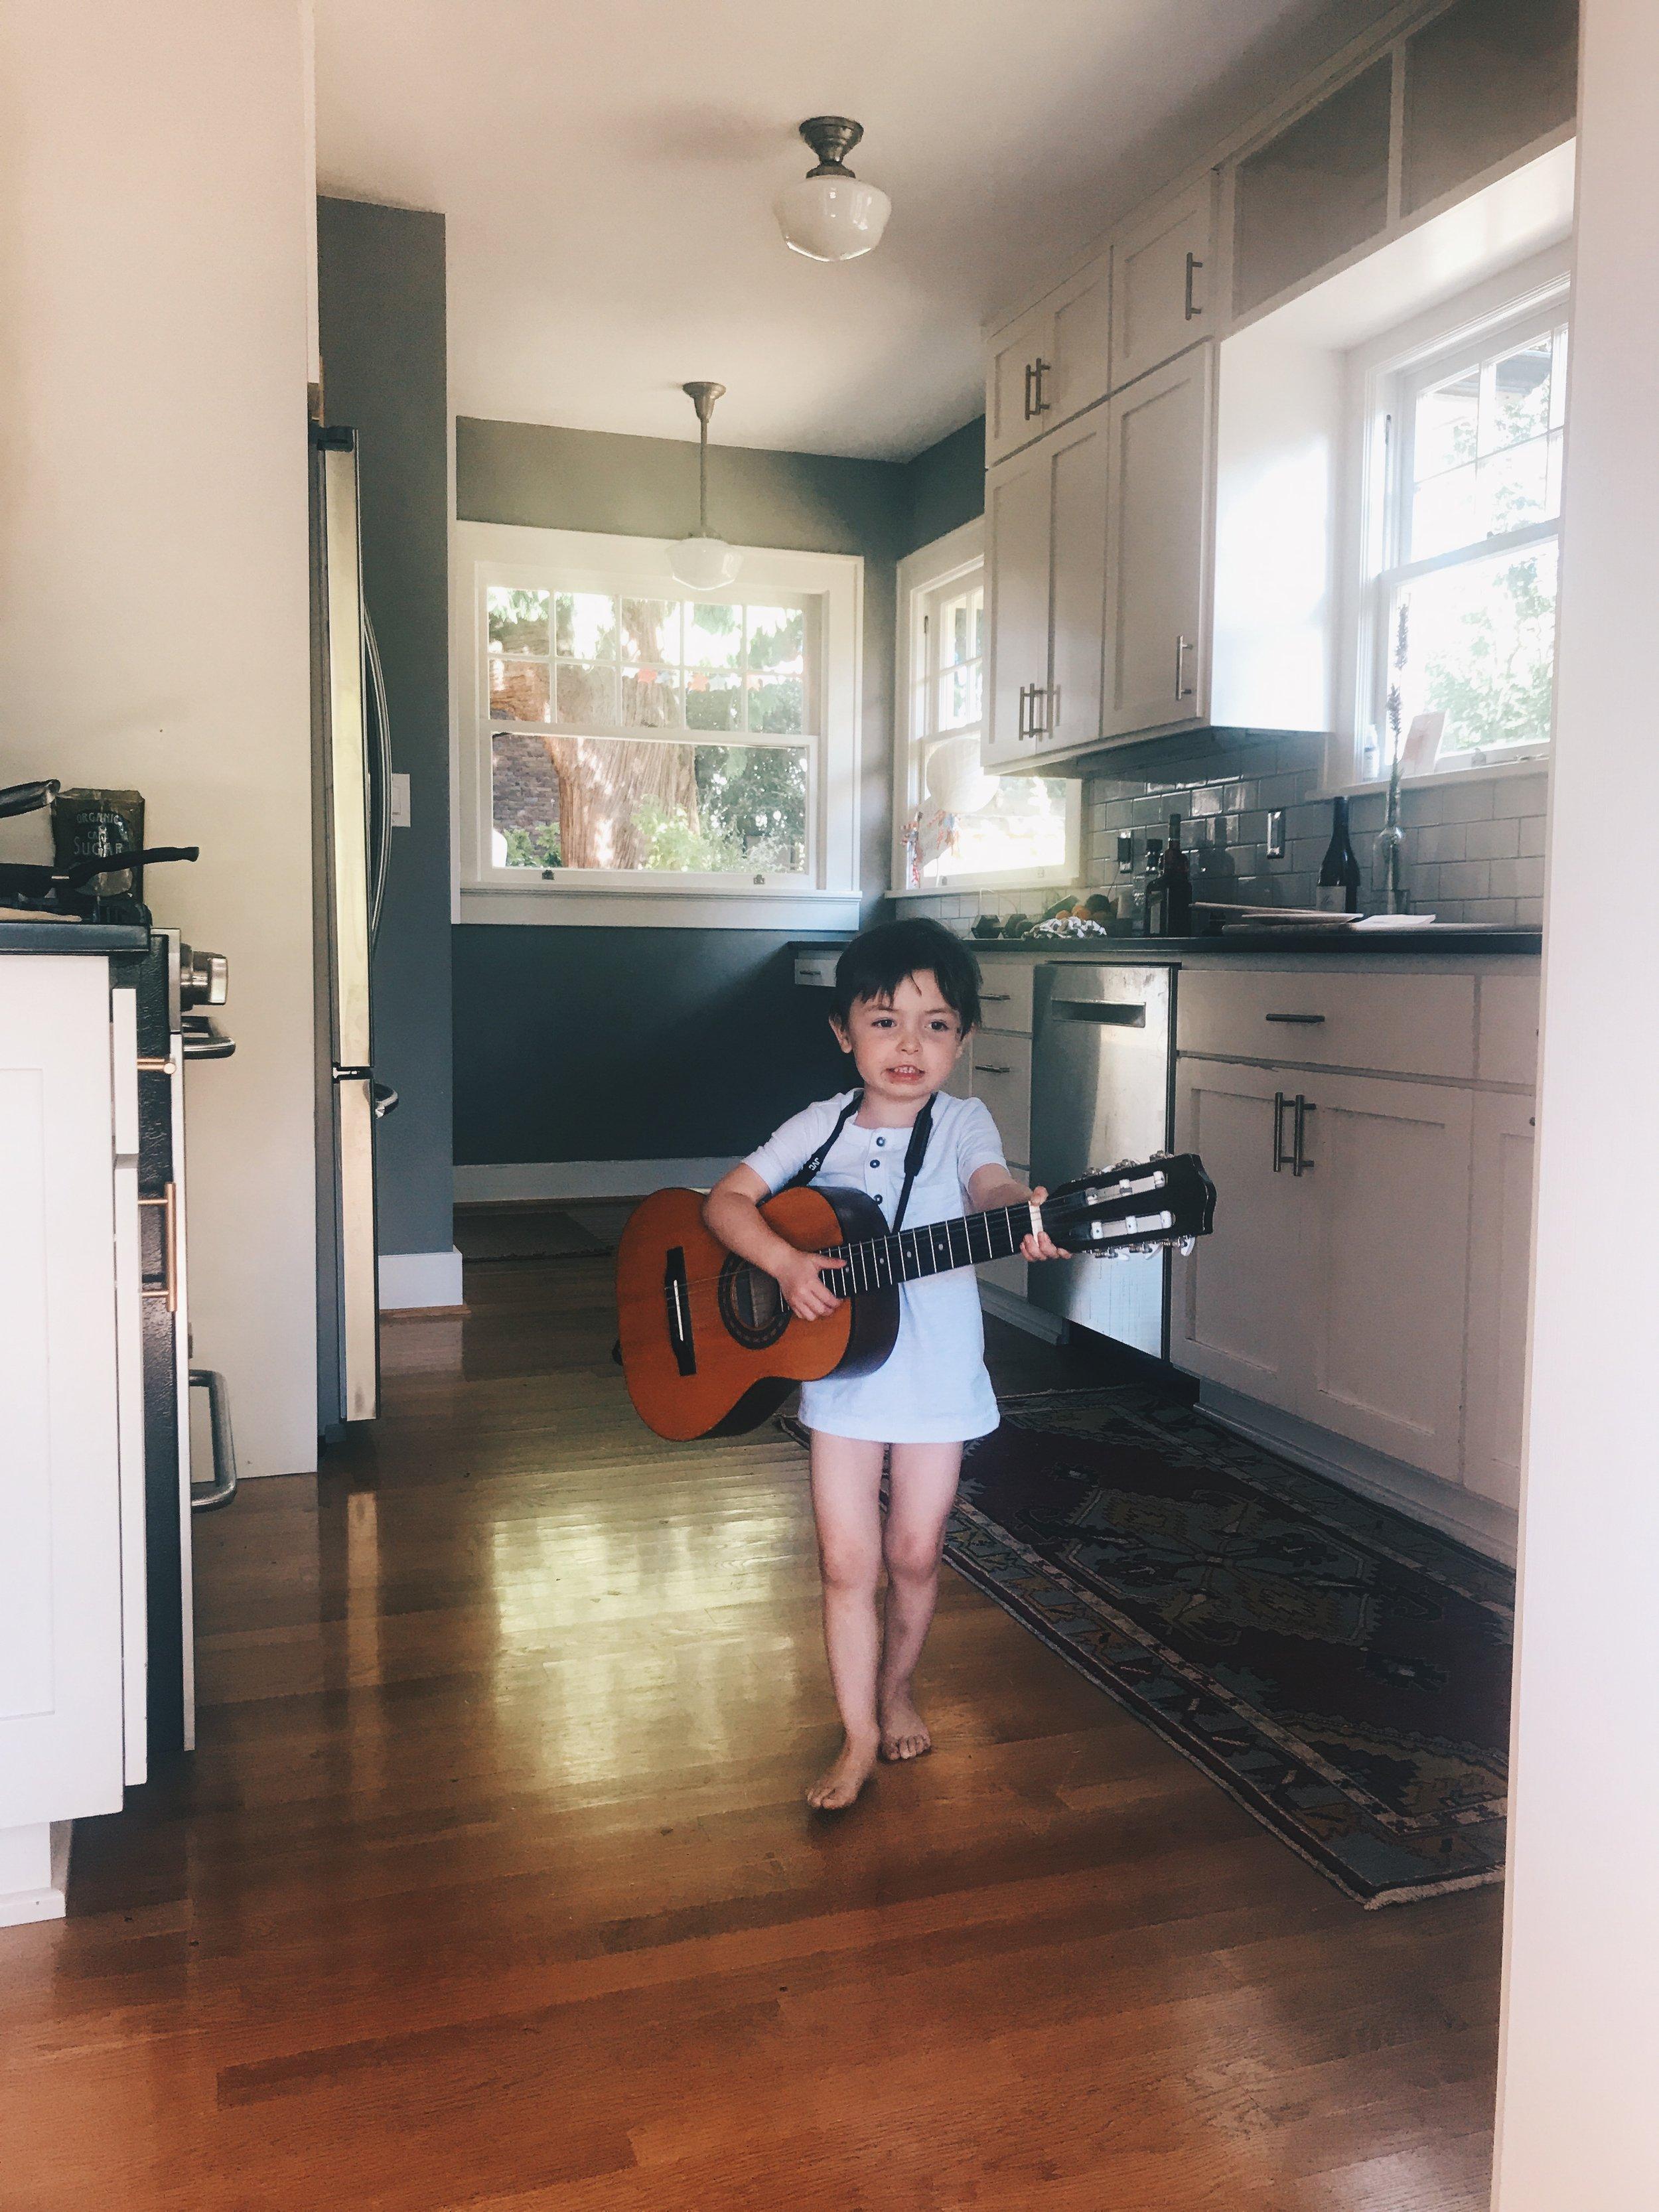 kitchen serenades, very normal